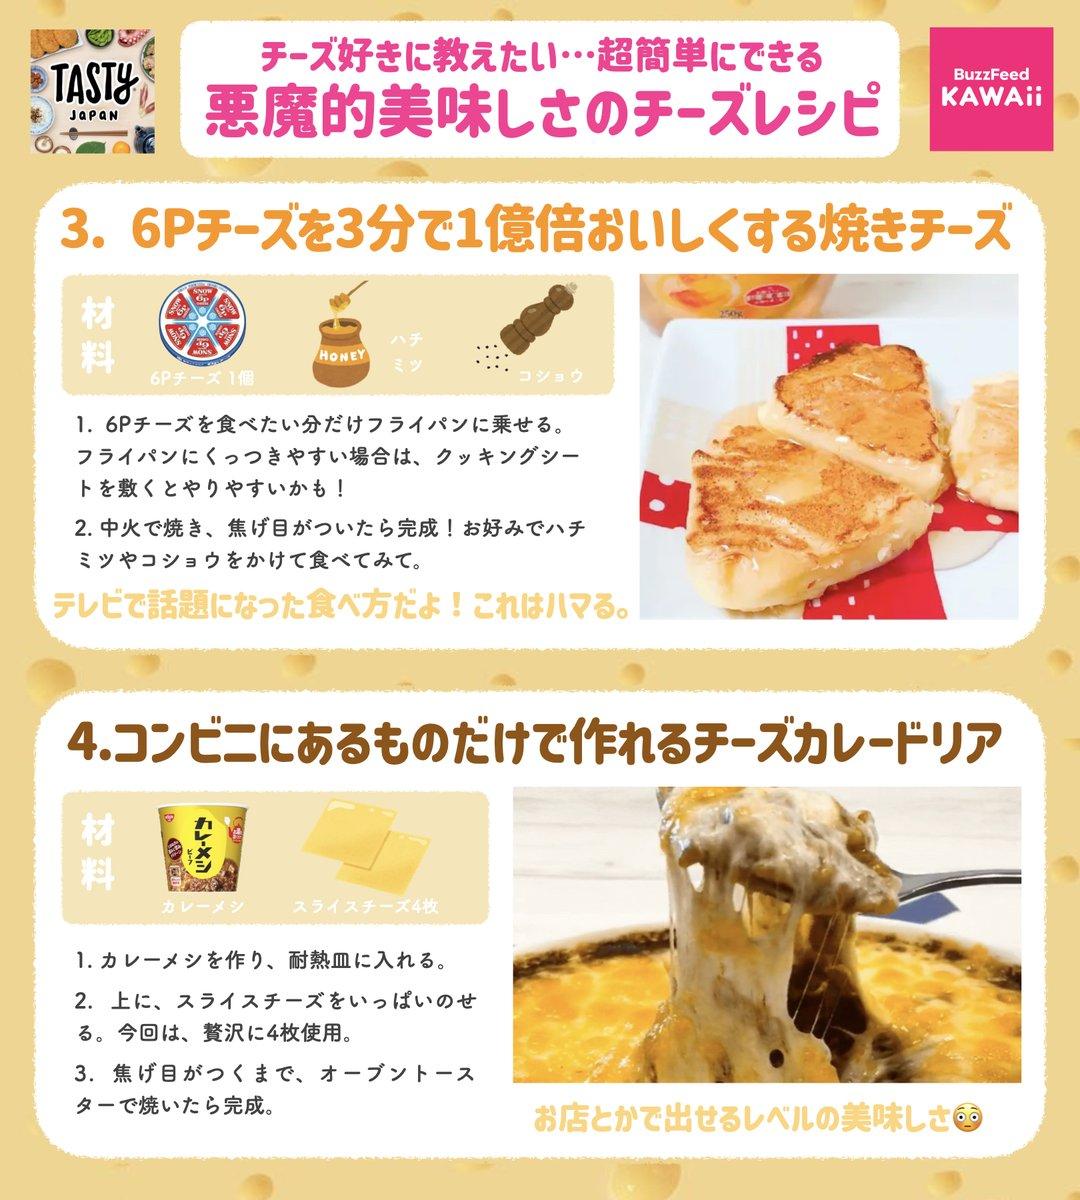 チーズ好きさんは是非!超がつくほど簡単に作れるチーズレシピ4選!